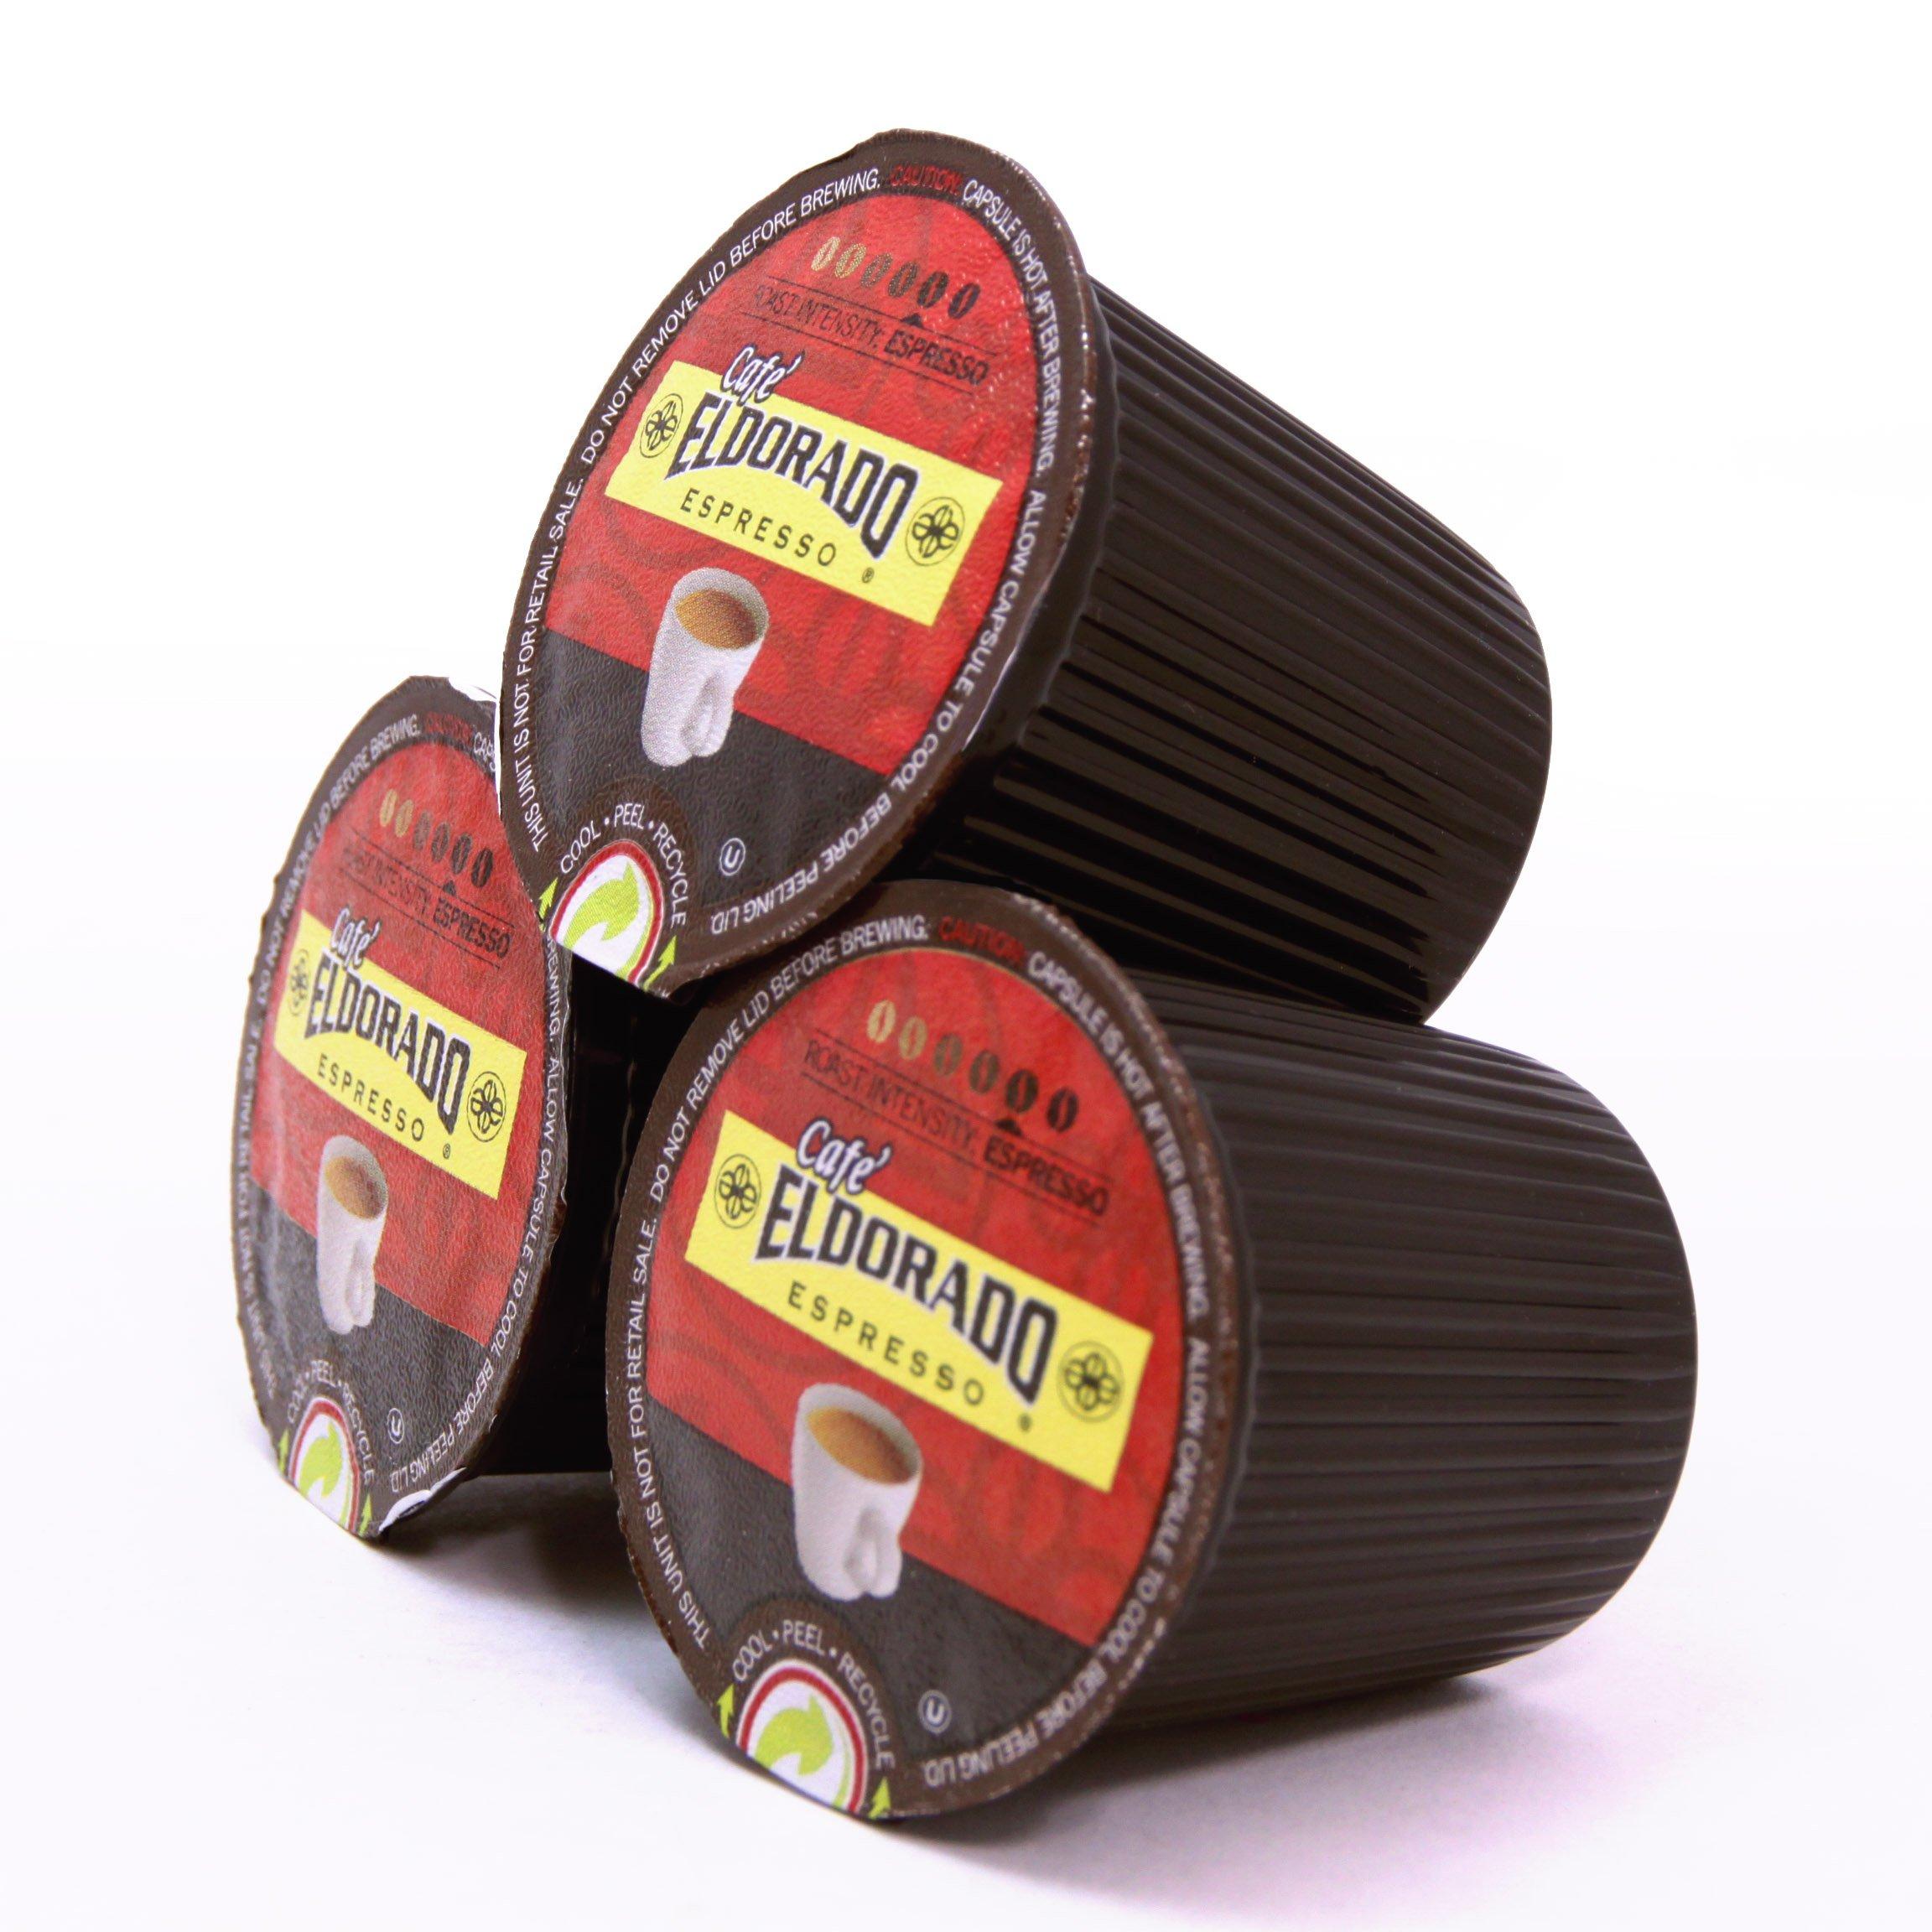 Eldorado Coffee Roasters Coffee Pods Espresso  K Cups for Keurig Home Brewers, 96 Single Serve Capsules